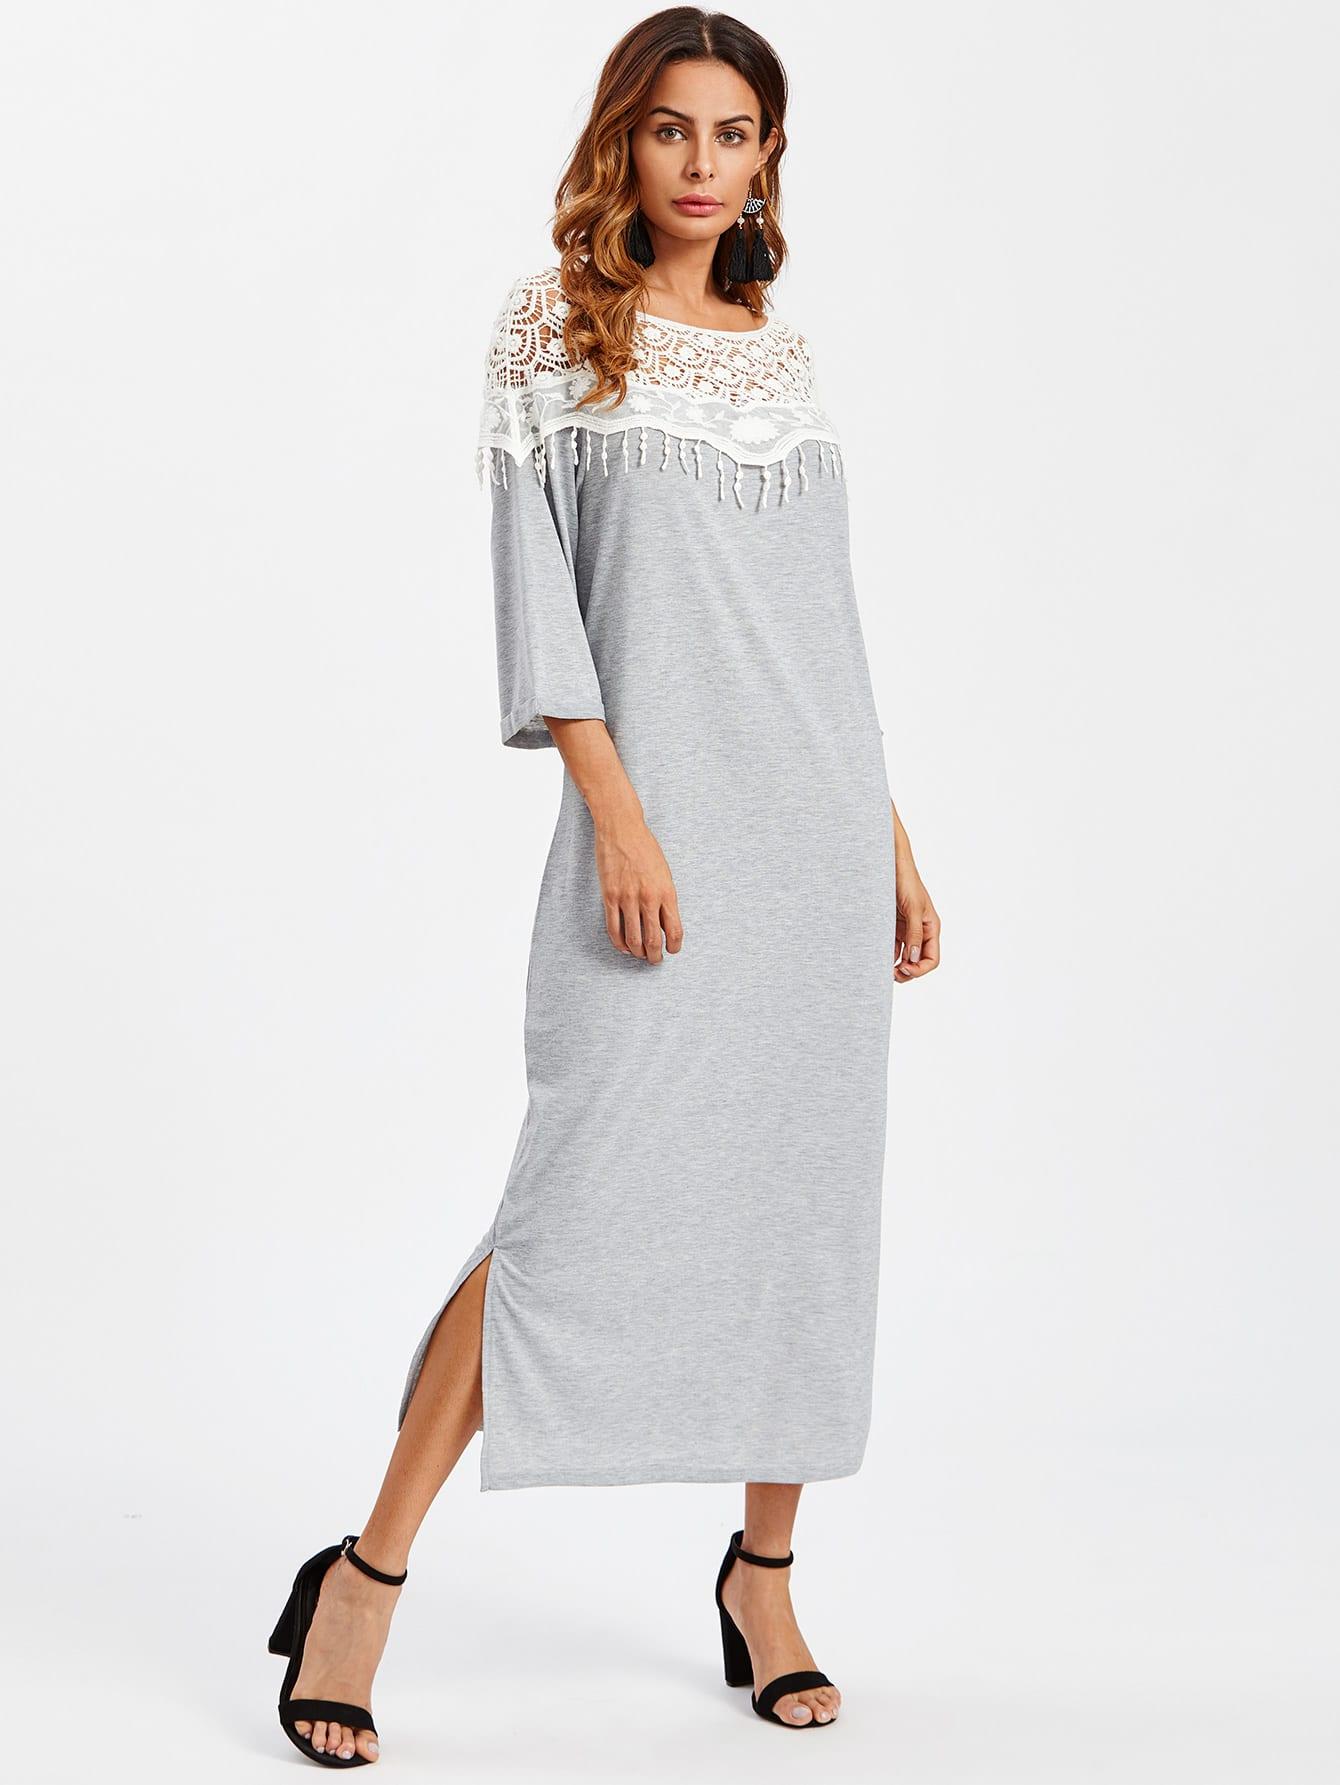 Lace Crochet Contrast Split Side Dress